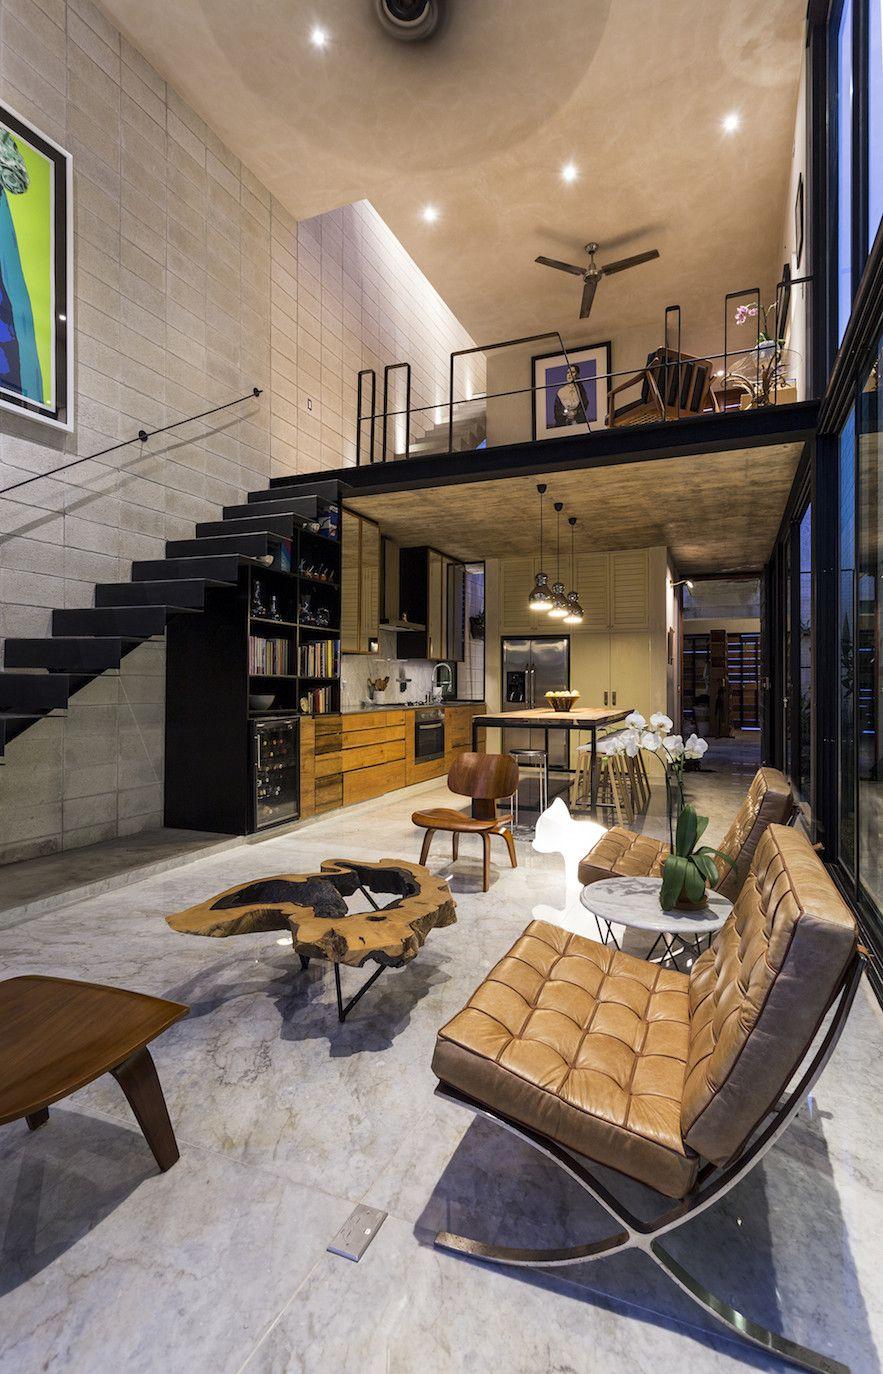 Gestalten | Raw Home By Taller Estilo